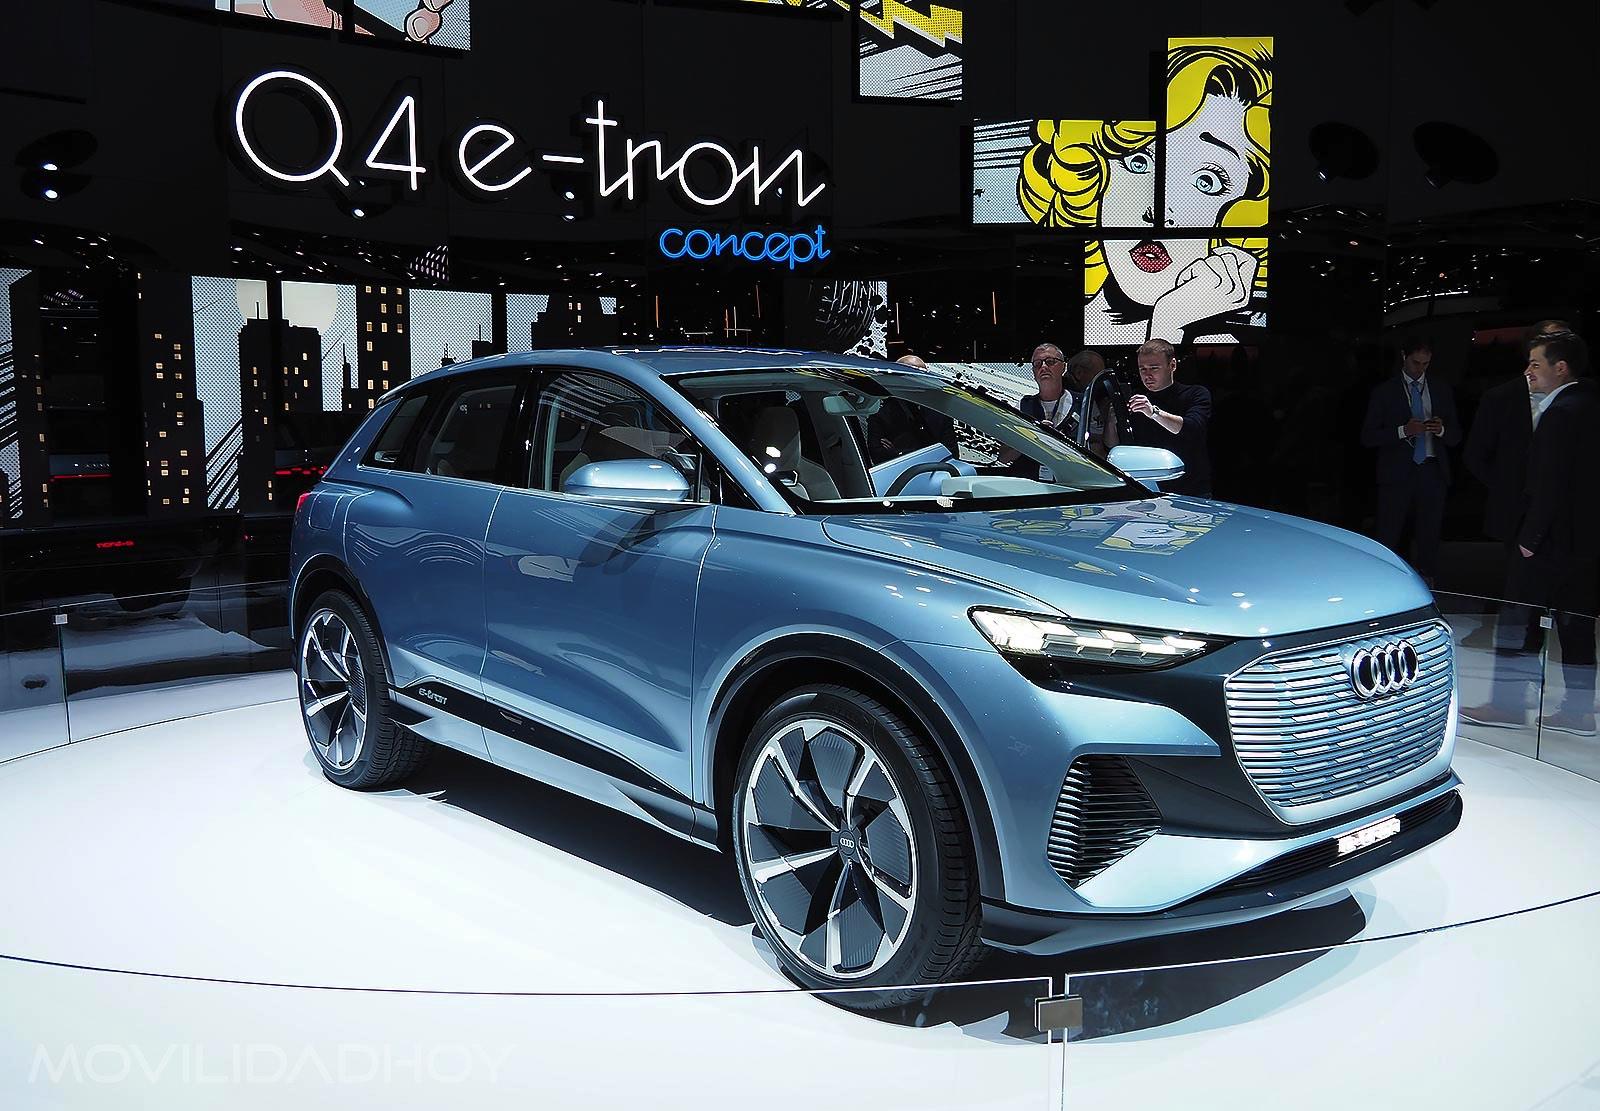 Audi A4 e-tron Concept